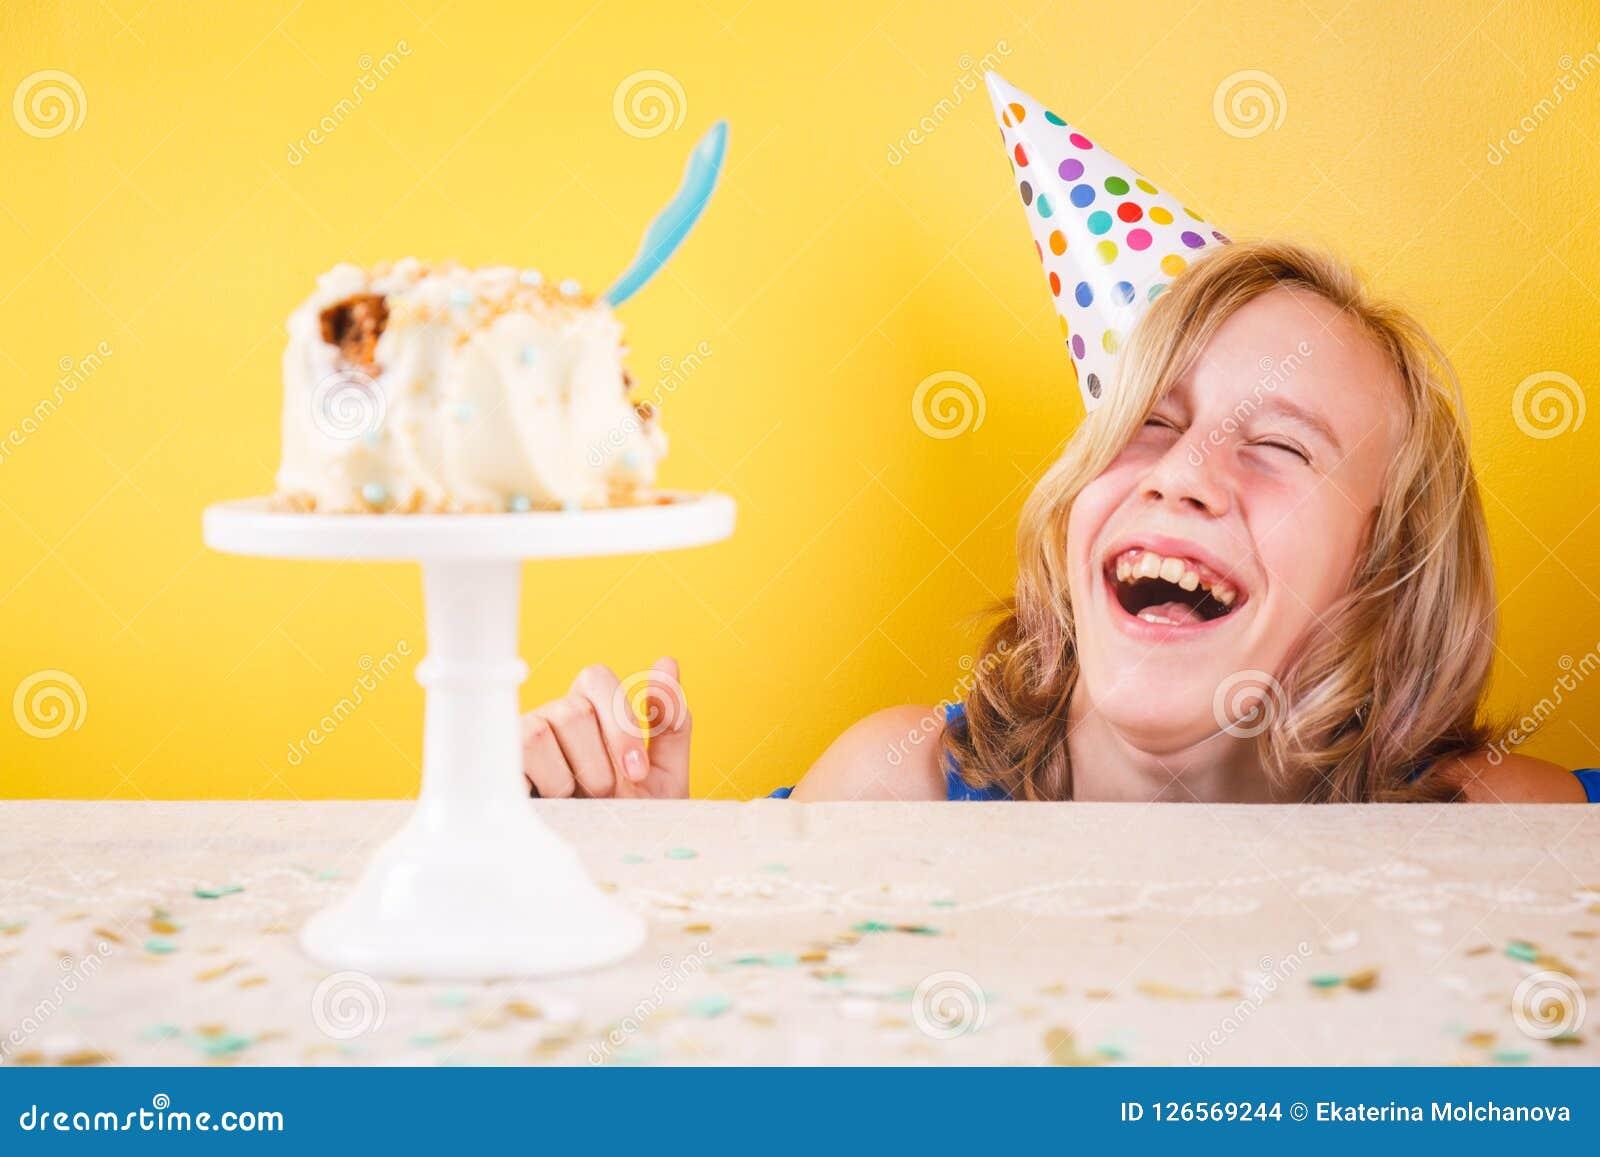 Adolescente que se goza después de arruinar la torta de cumpleaños Un p